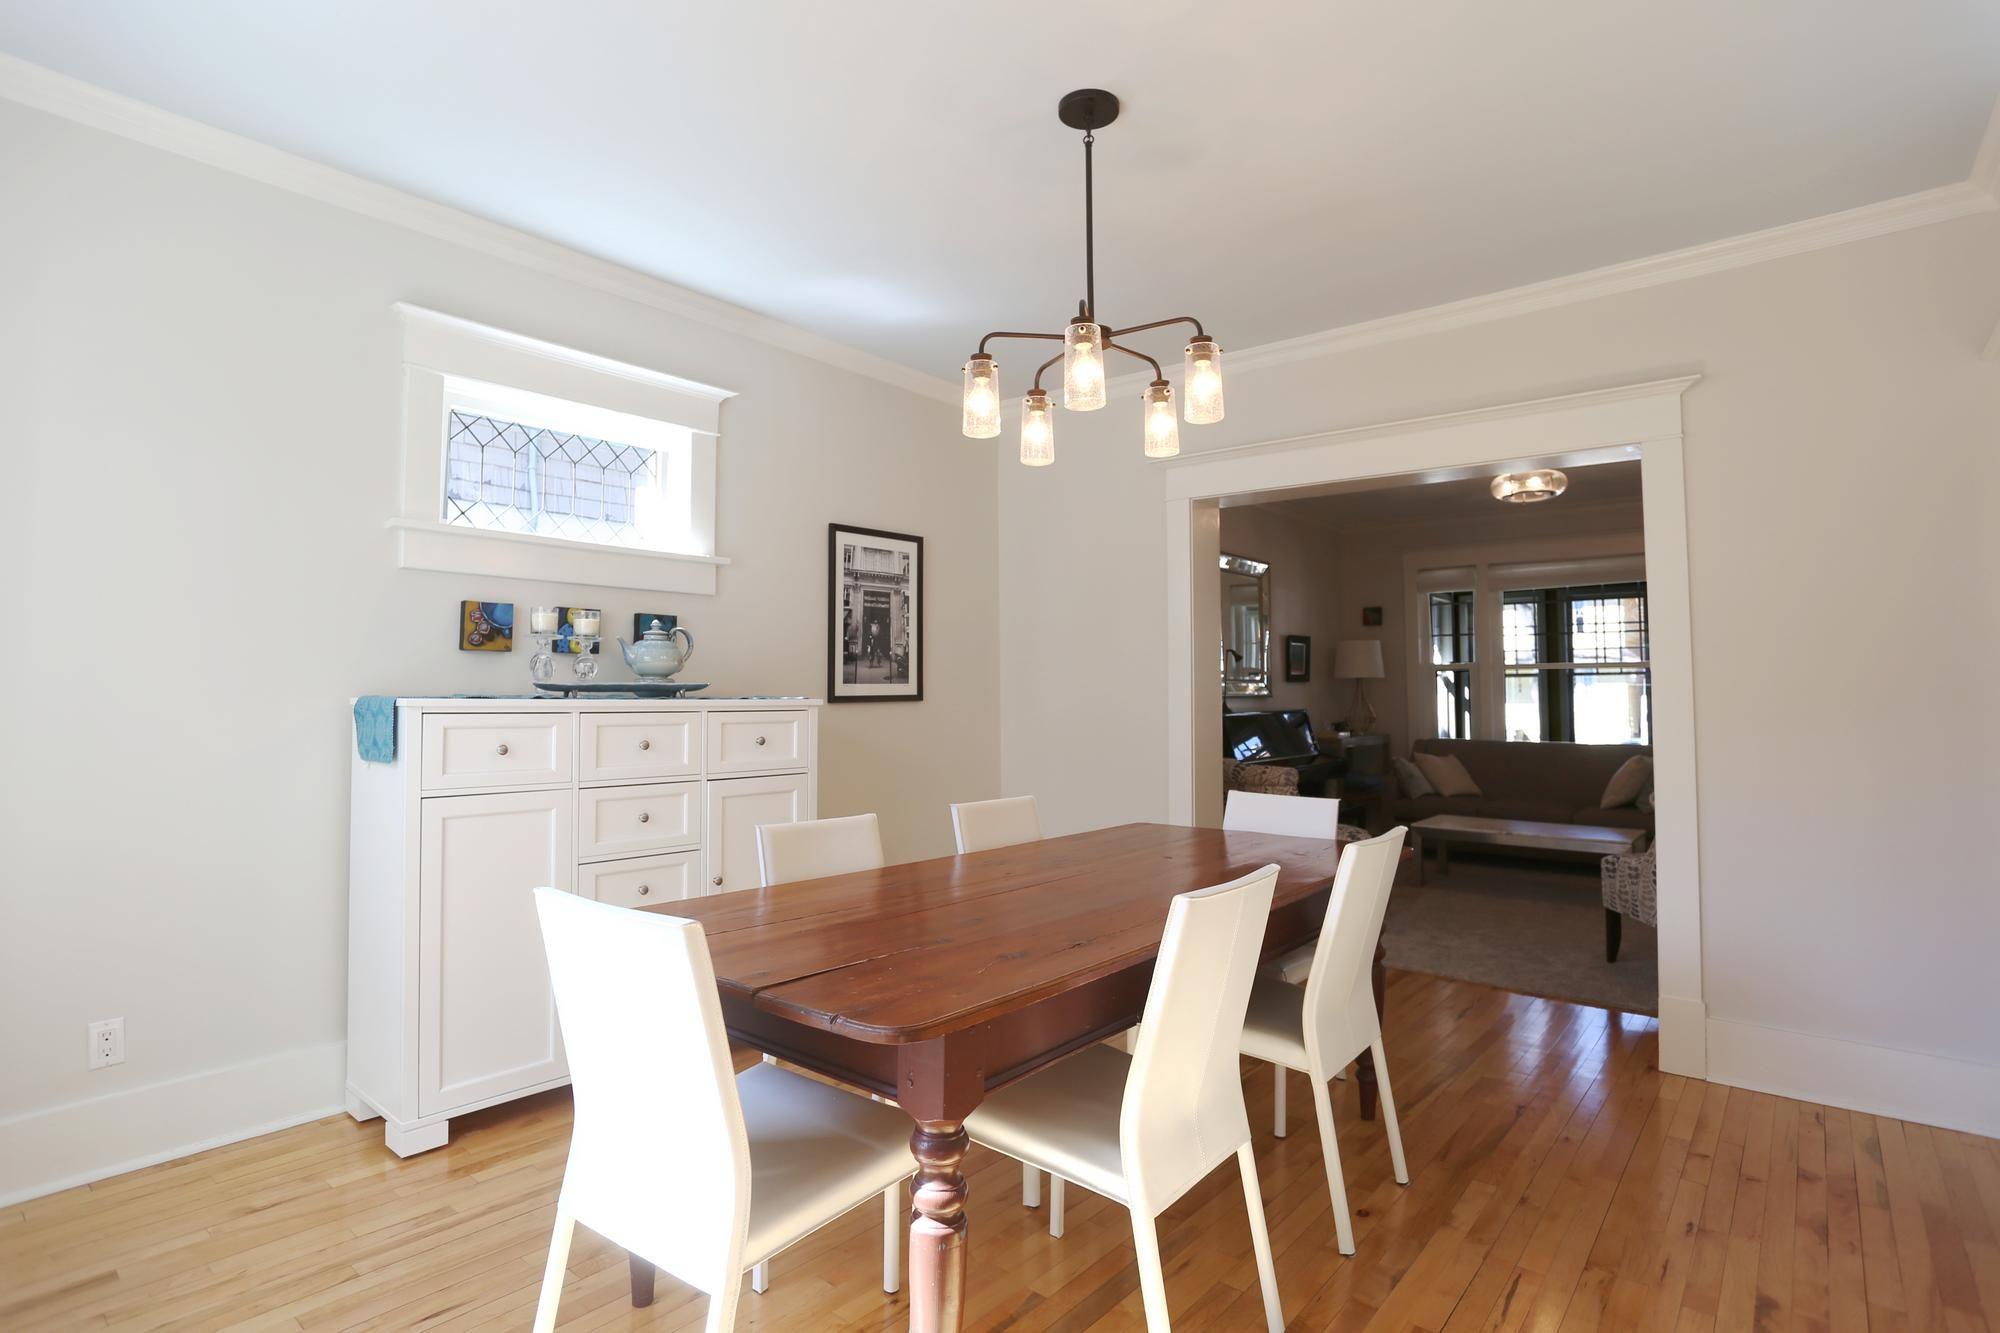 Photo 13: Photos: 121 Ruby Street in Winnipeg: Wolseley Single Family Detached for sale (5B)  : MLS®# 1808798